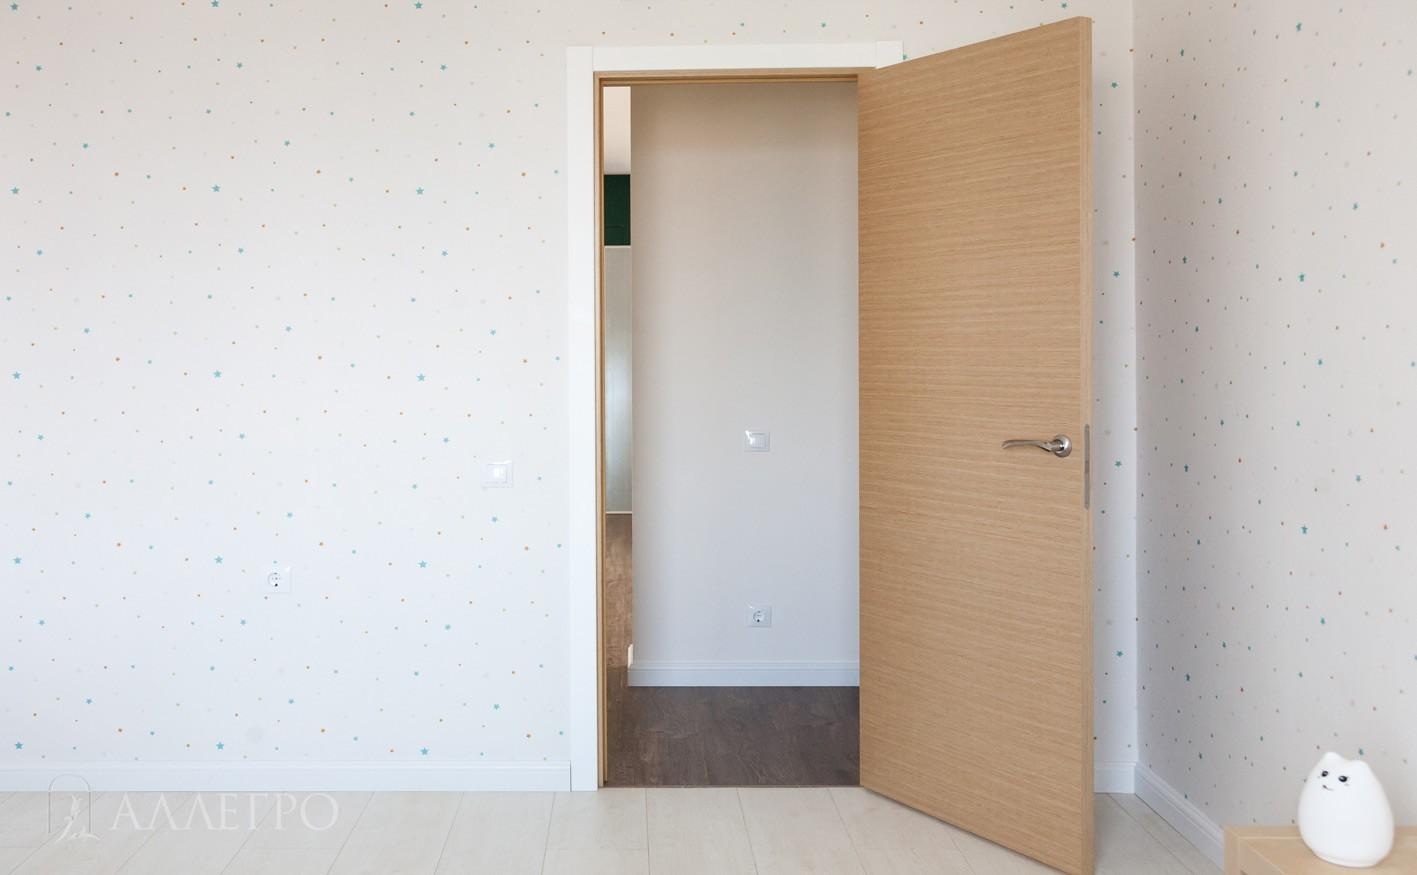 Двери из шпона в открытом виде